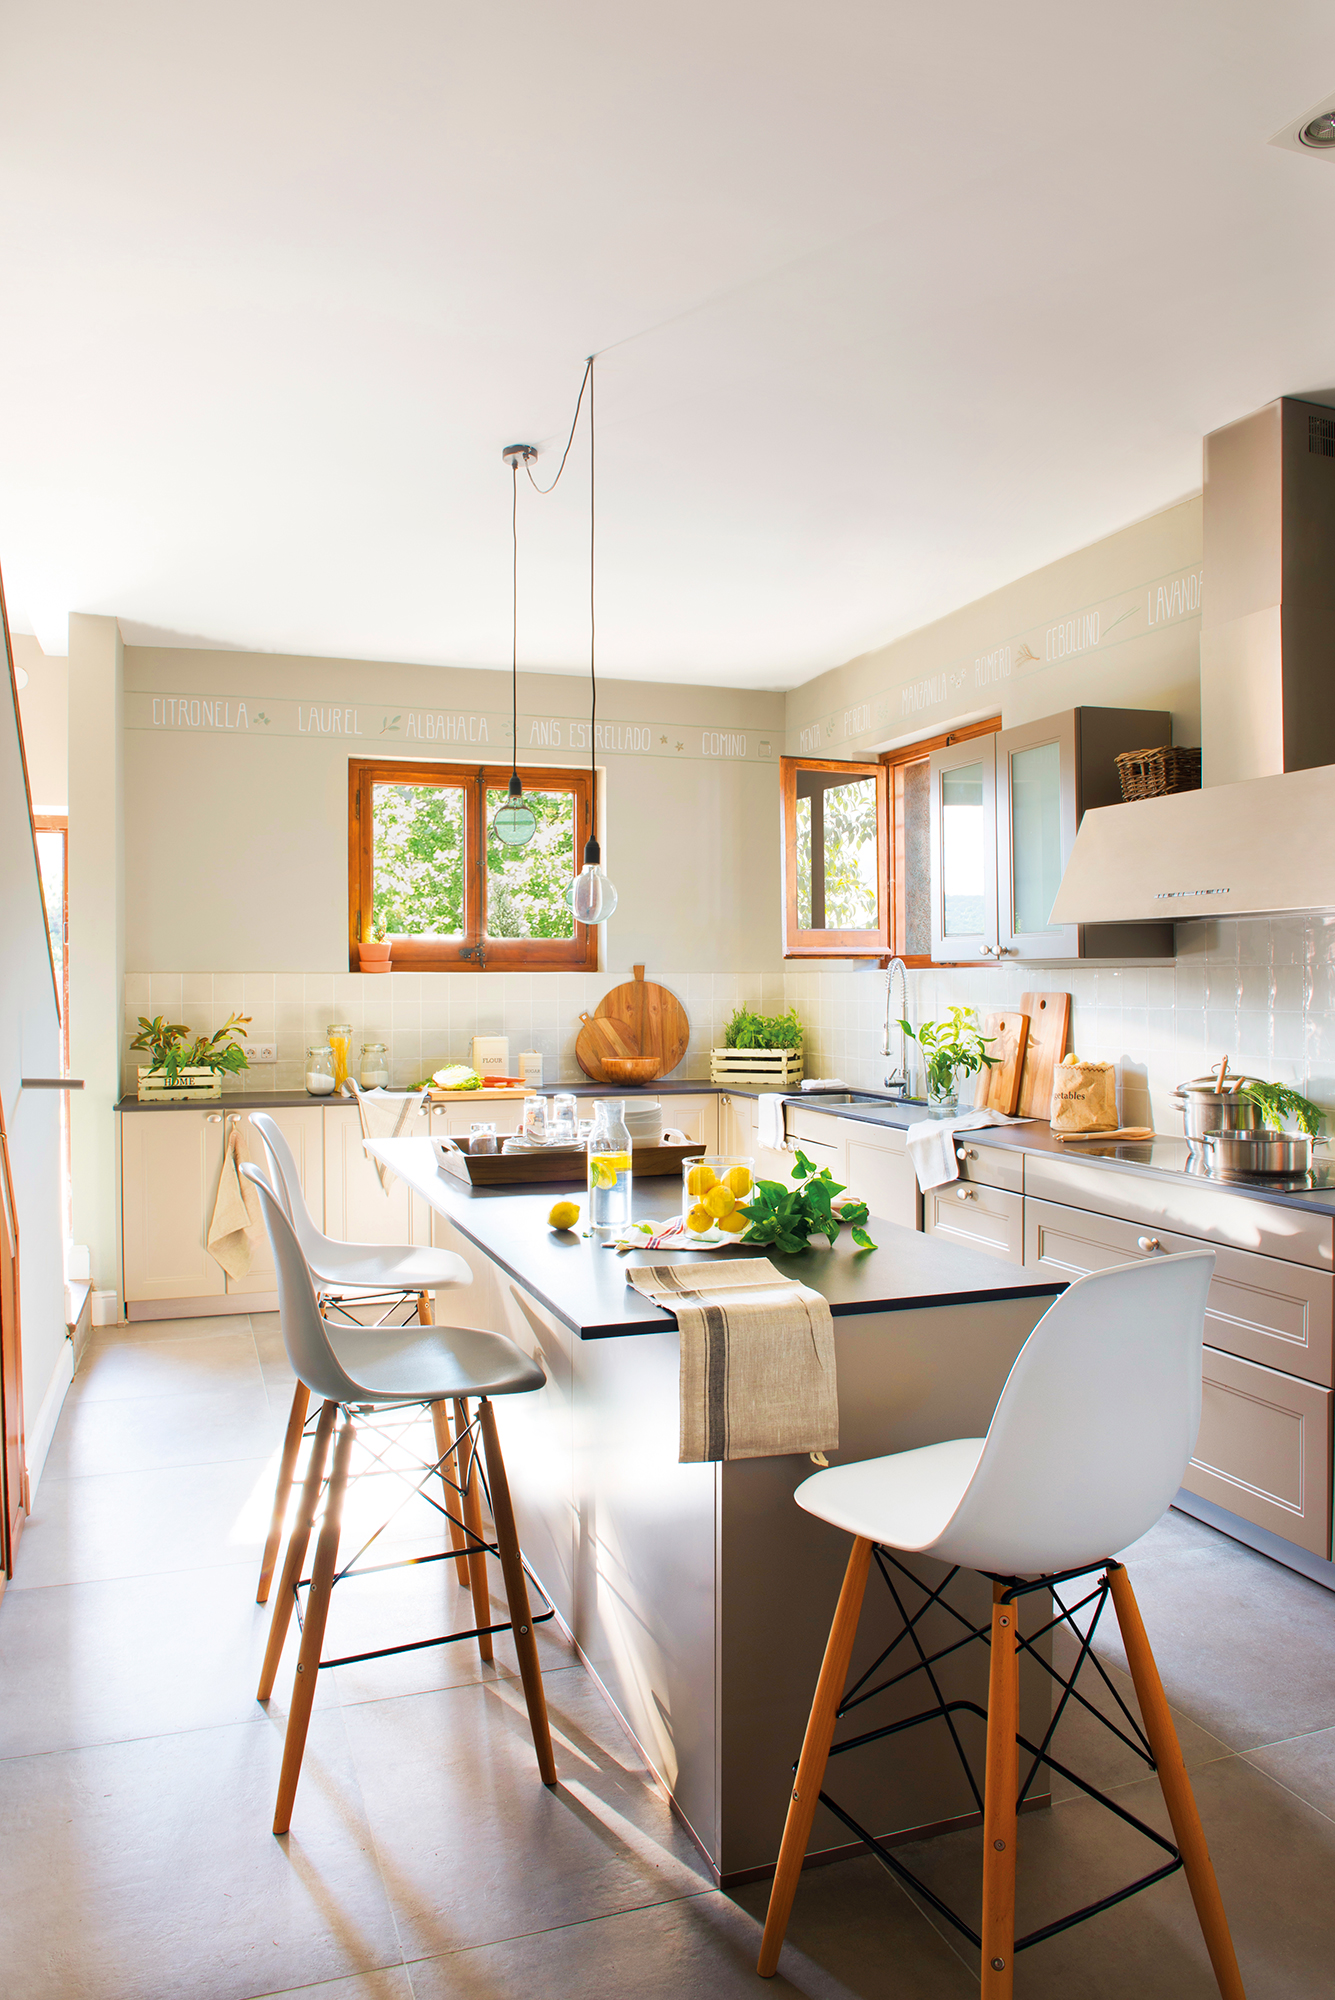 Cocinas muebles decoraci n dise o blancas o peque as for Muebles de cocina con isla central